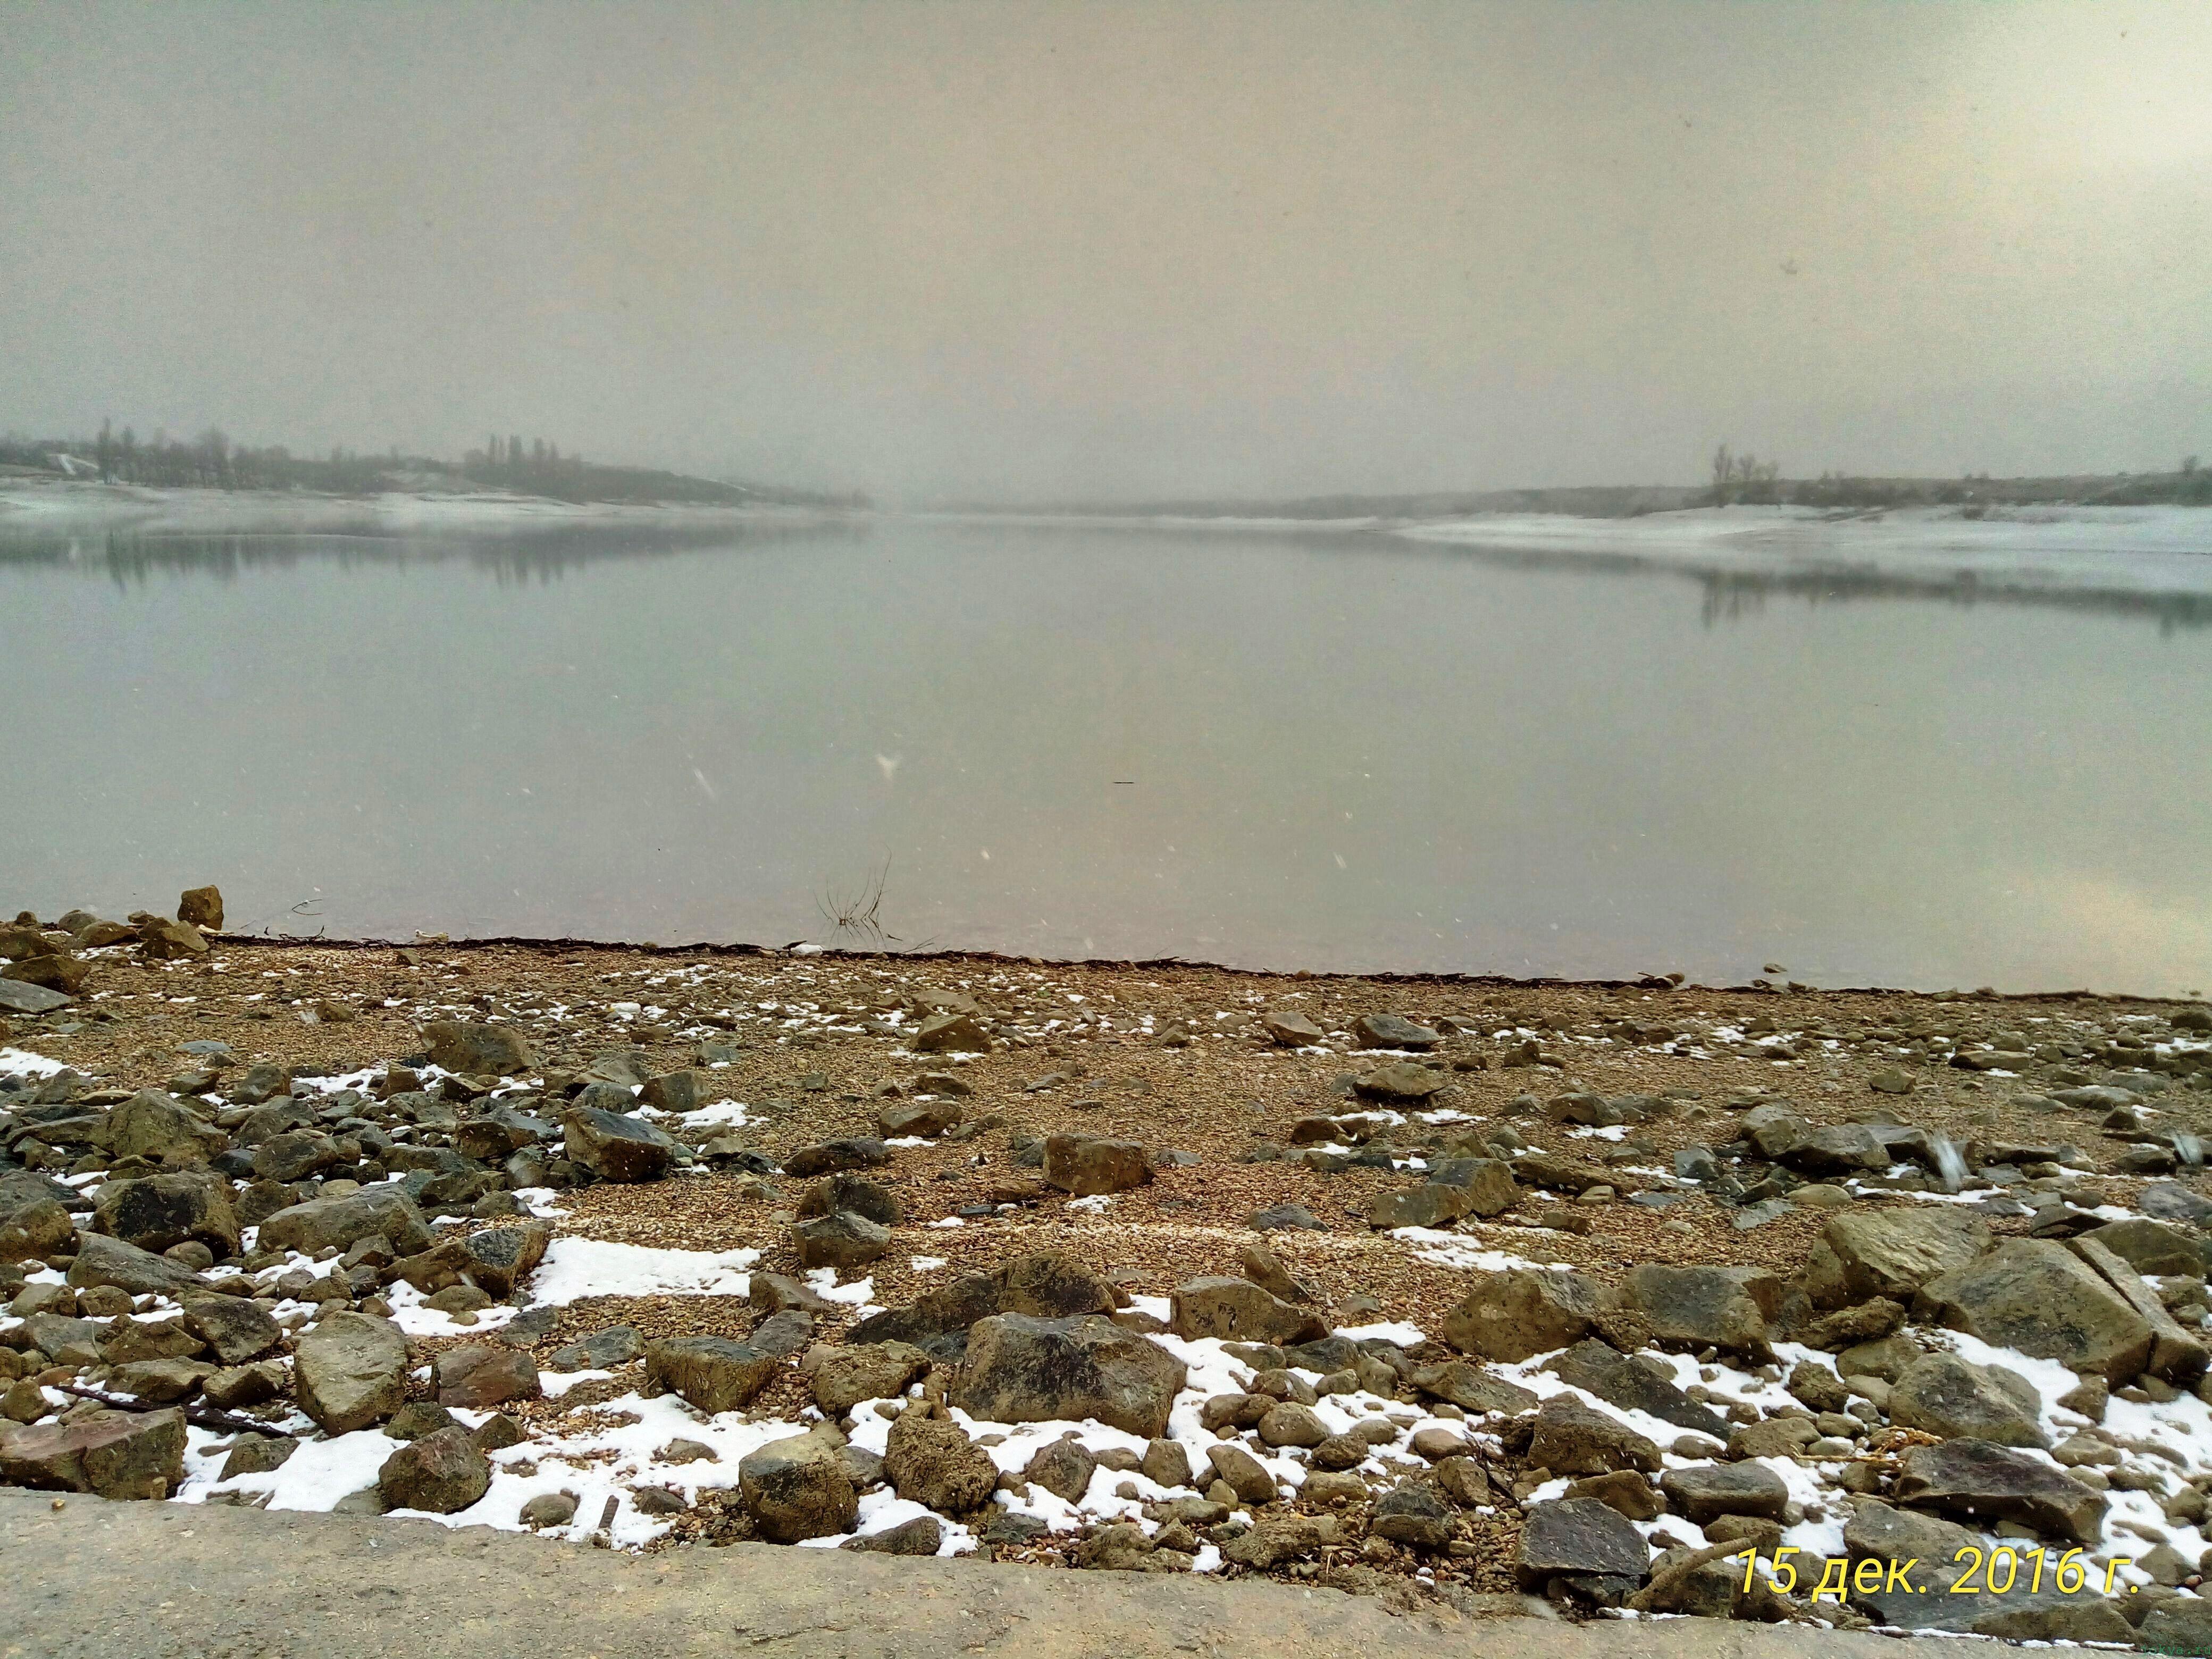 Водохранилище на 15.12.2016 года фото заметка моей реальности в Крыму